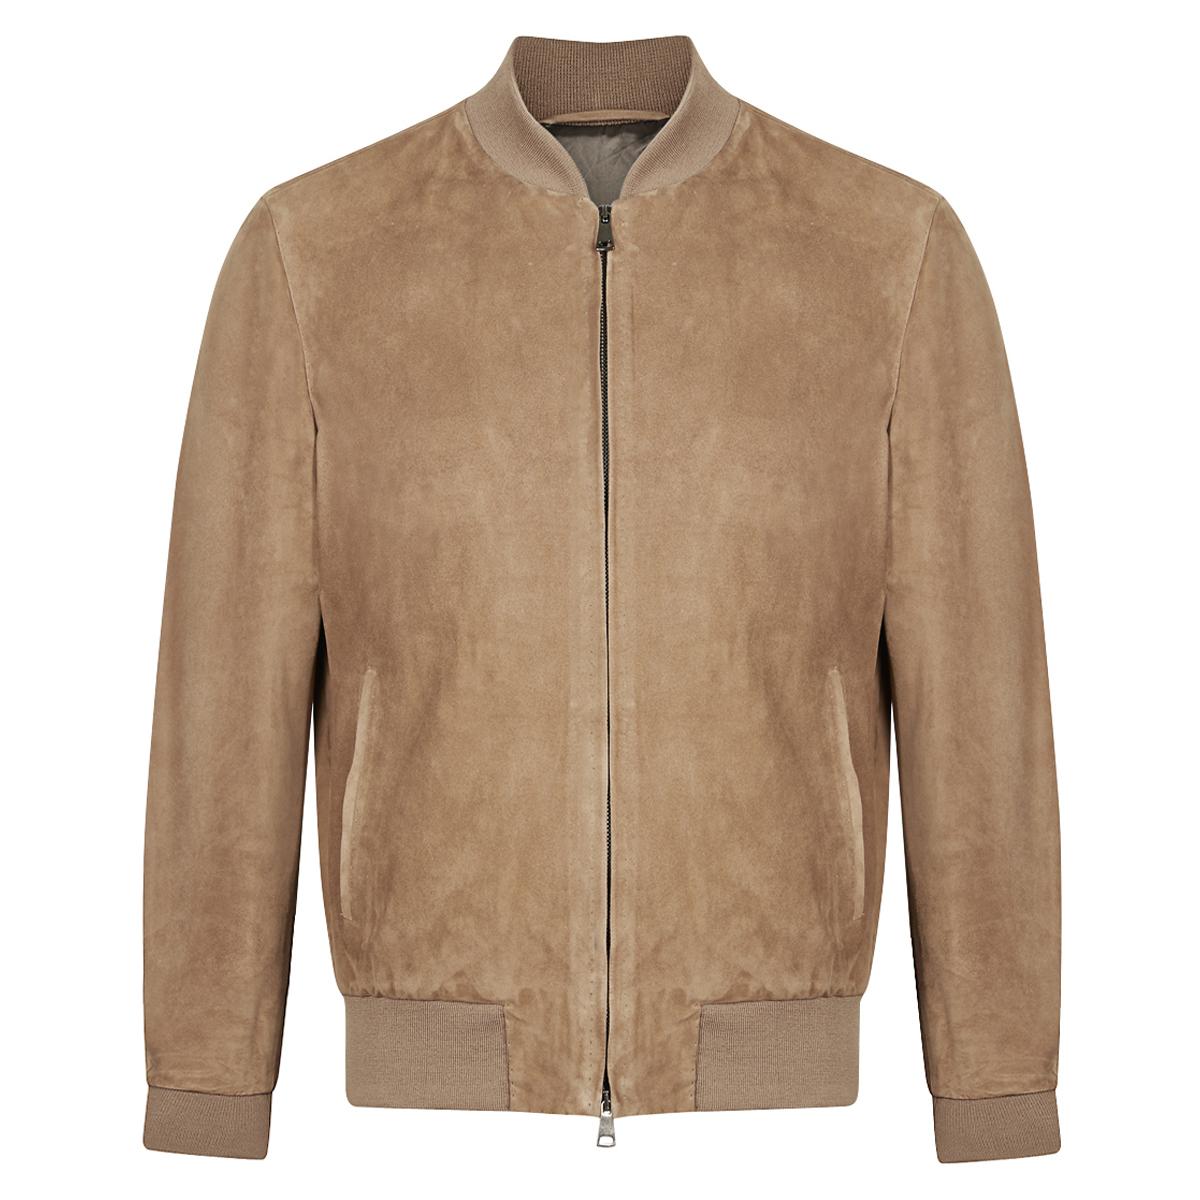 Beige Suede Handmade Classic Bomber Jacket